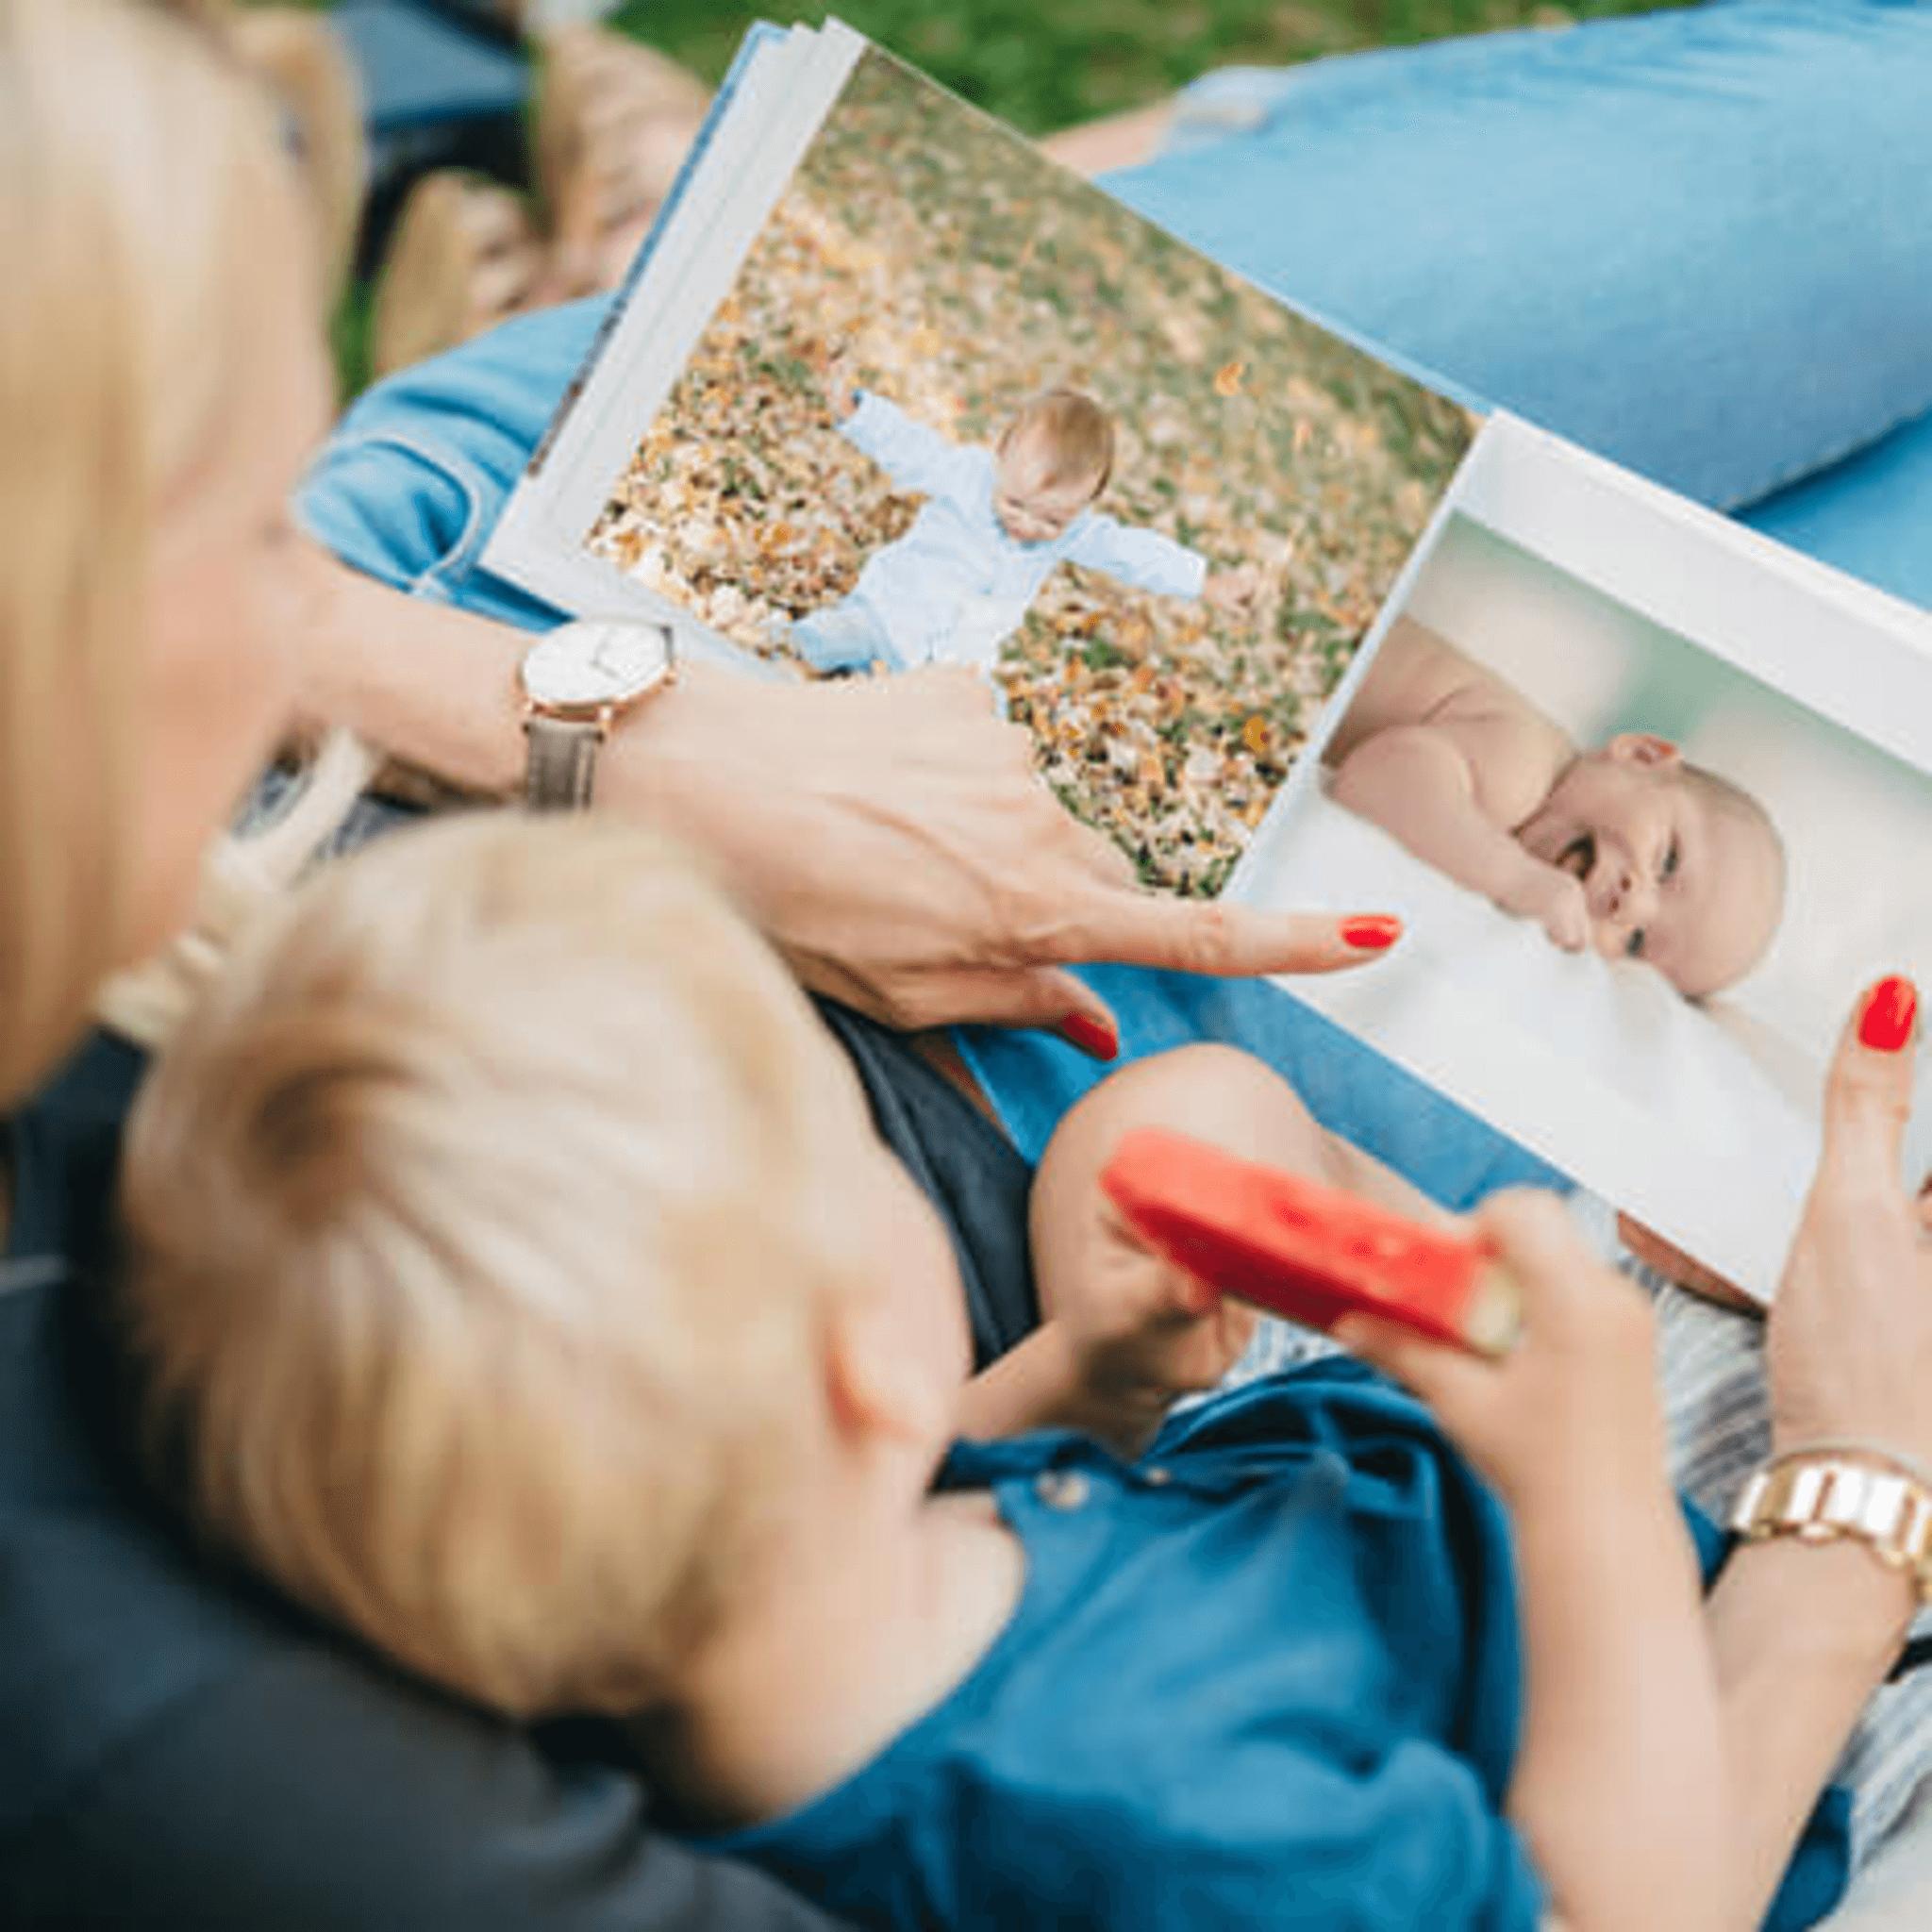 mum-baby-photo-book